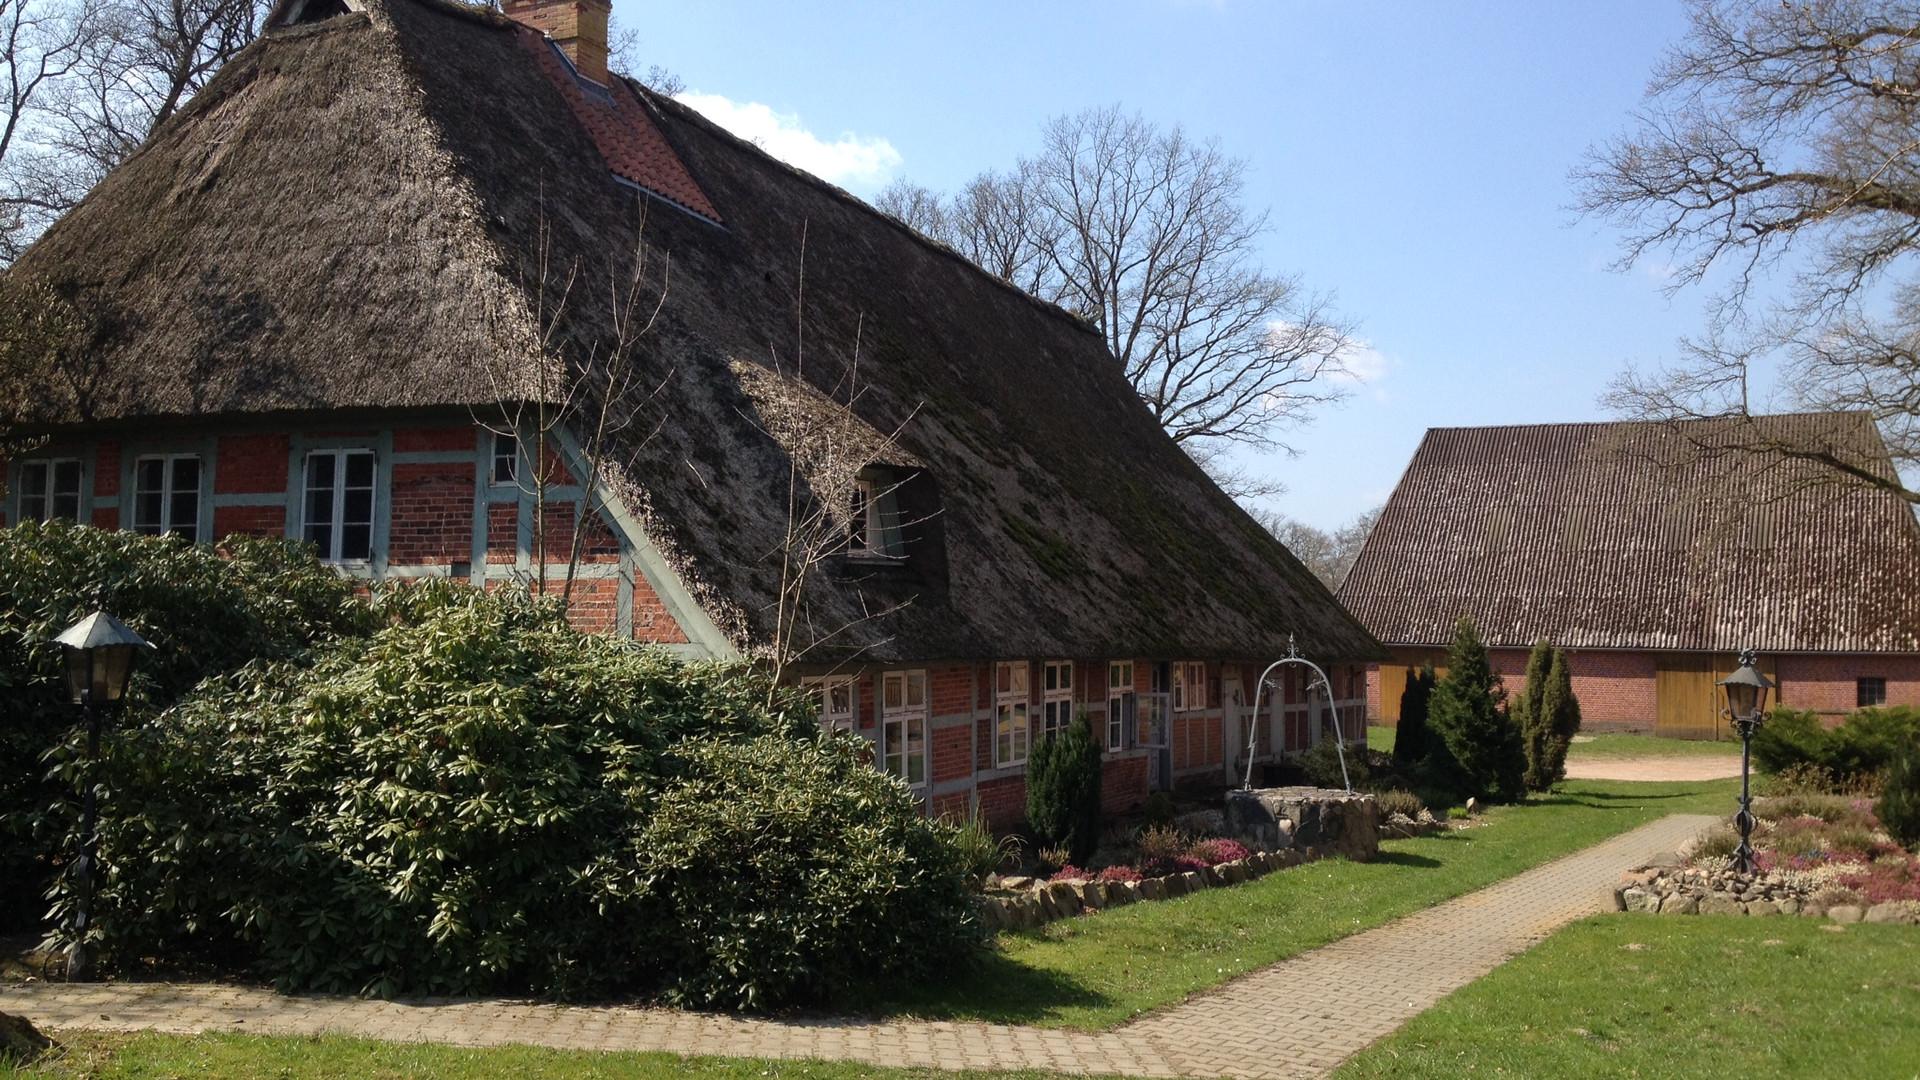 Degenhof Altes Haus Hinten.JPG